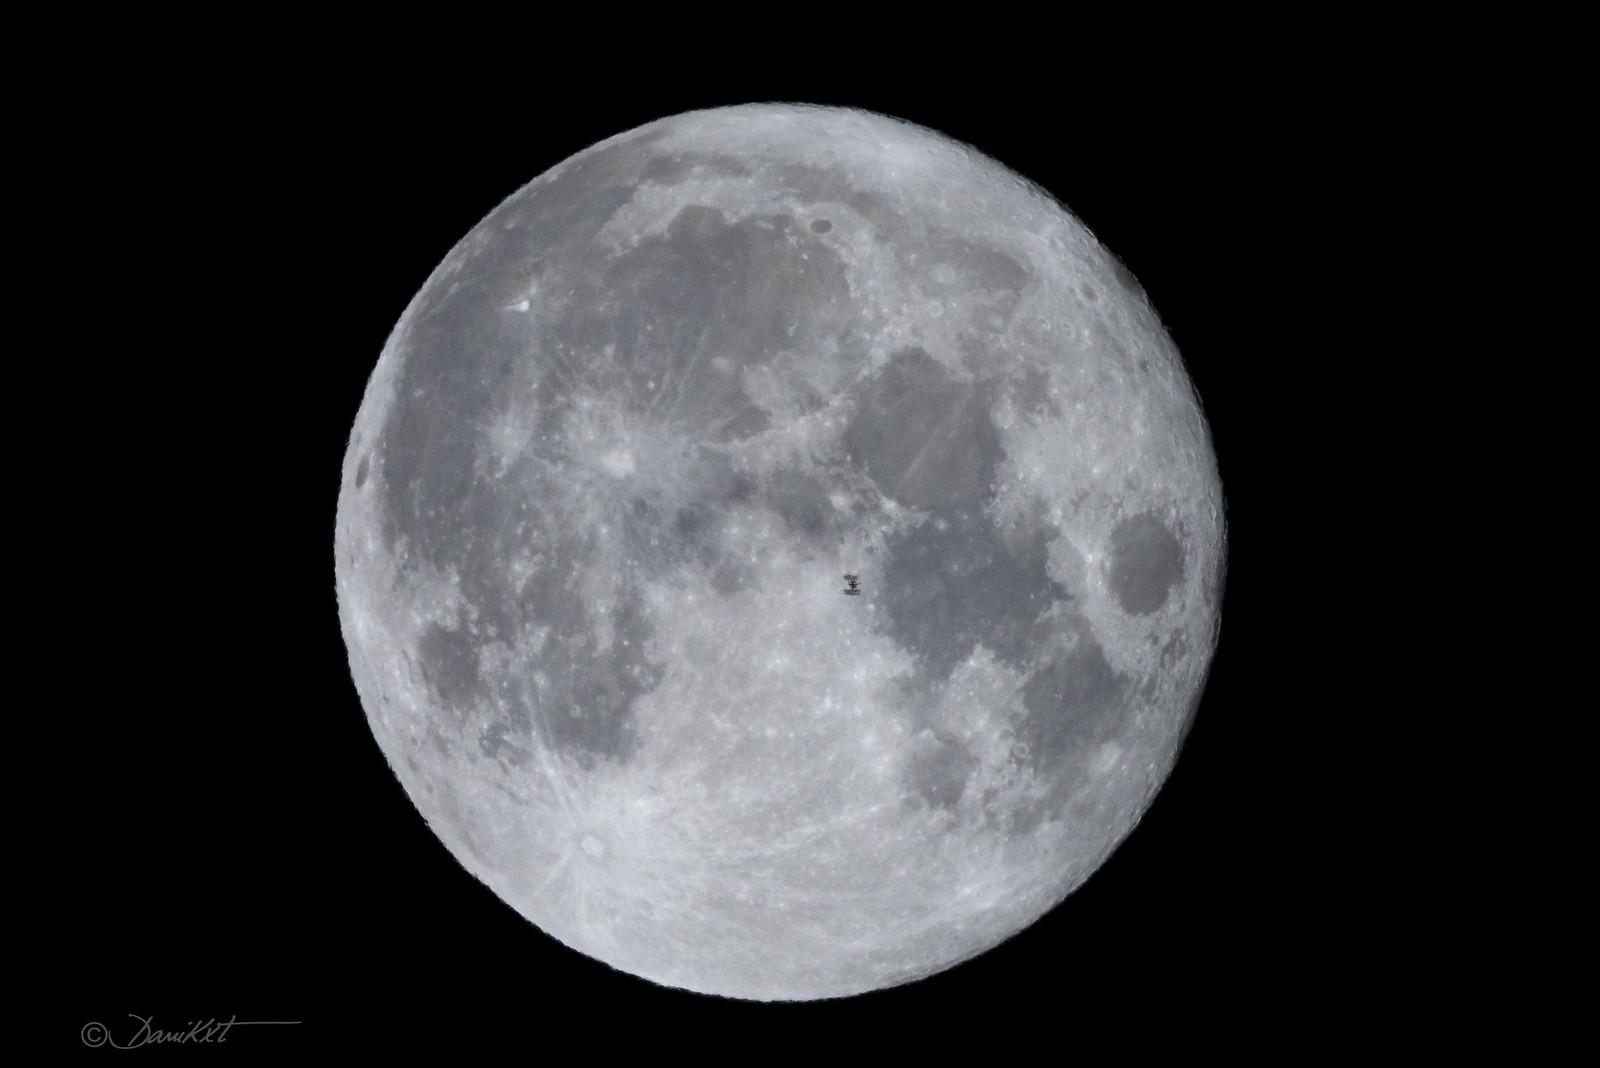 Estación Espacial Internacional cruzando la Luna fotografiada por Dani Caxete